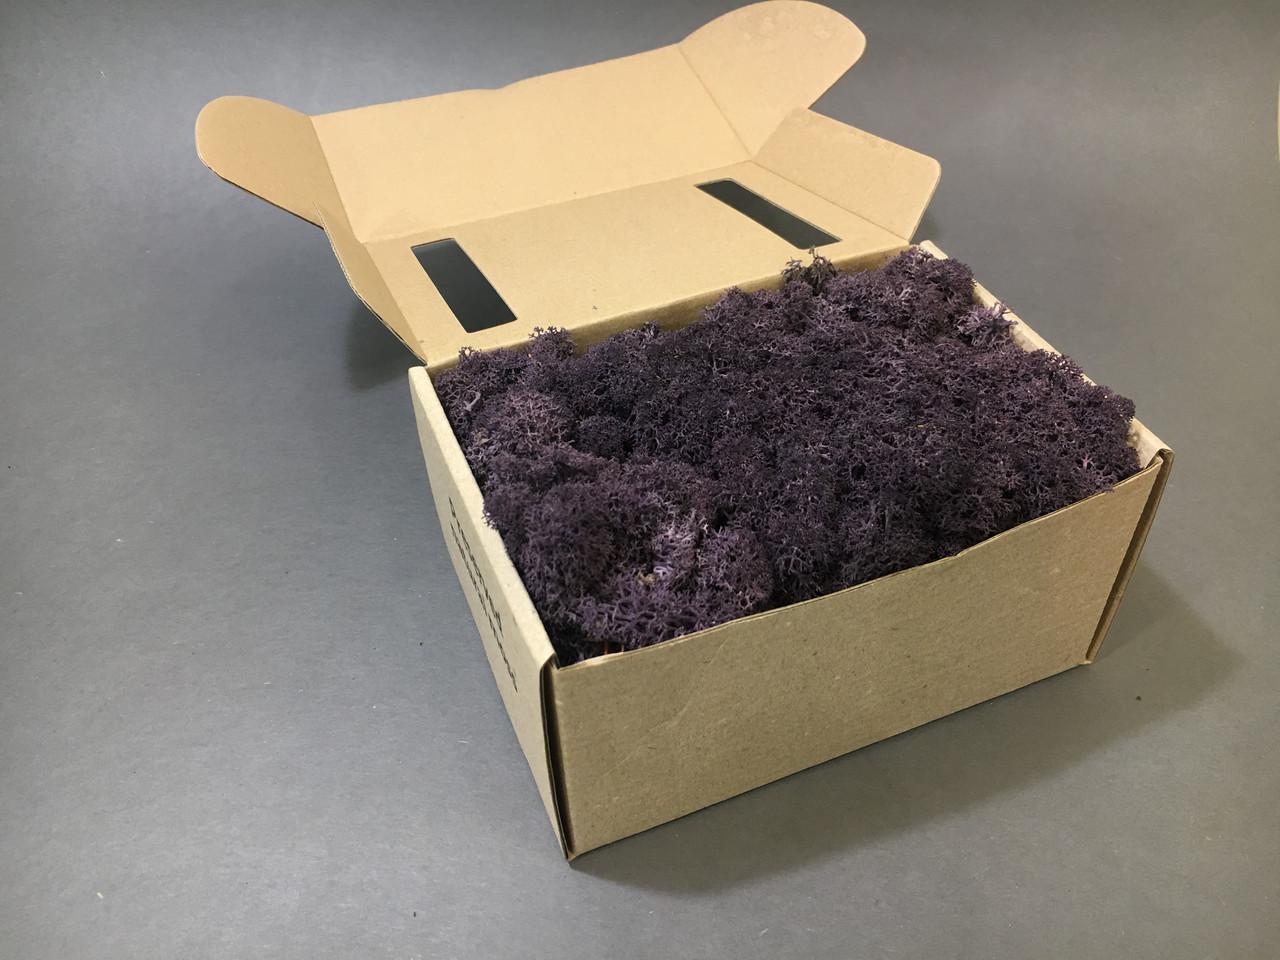 Стабилизированный мох в коробке (Aubergine)